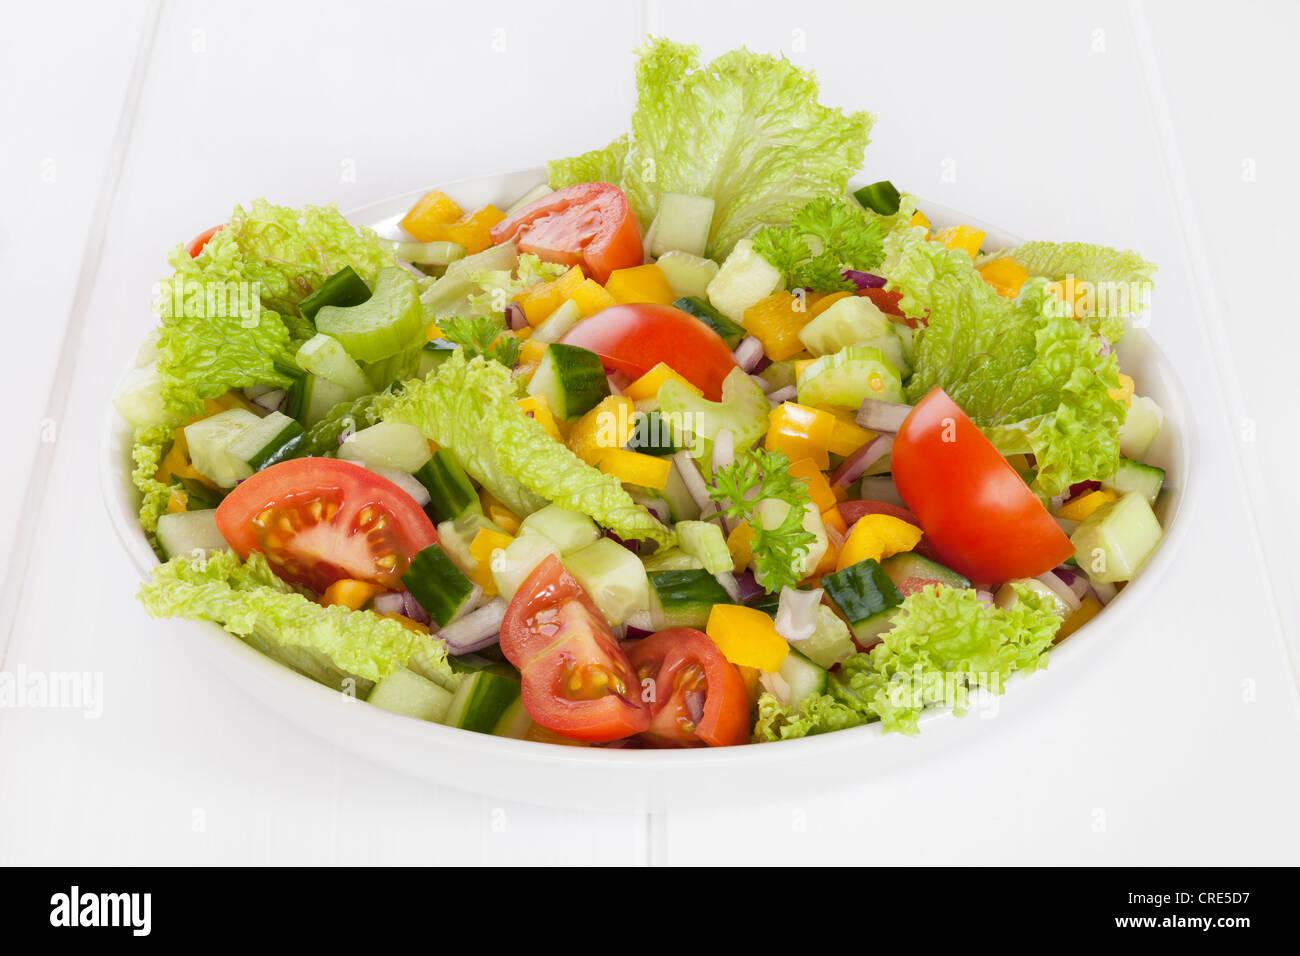 Eine Schale mit frischen gemischten Salat, Salat, Gurke, Tomate, rote Zwiebel, gelbe Paprika, Sellerie, Petersilie. Stockfoto